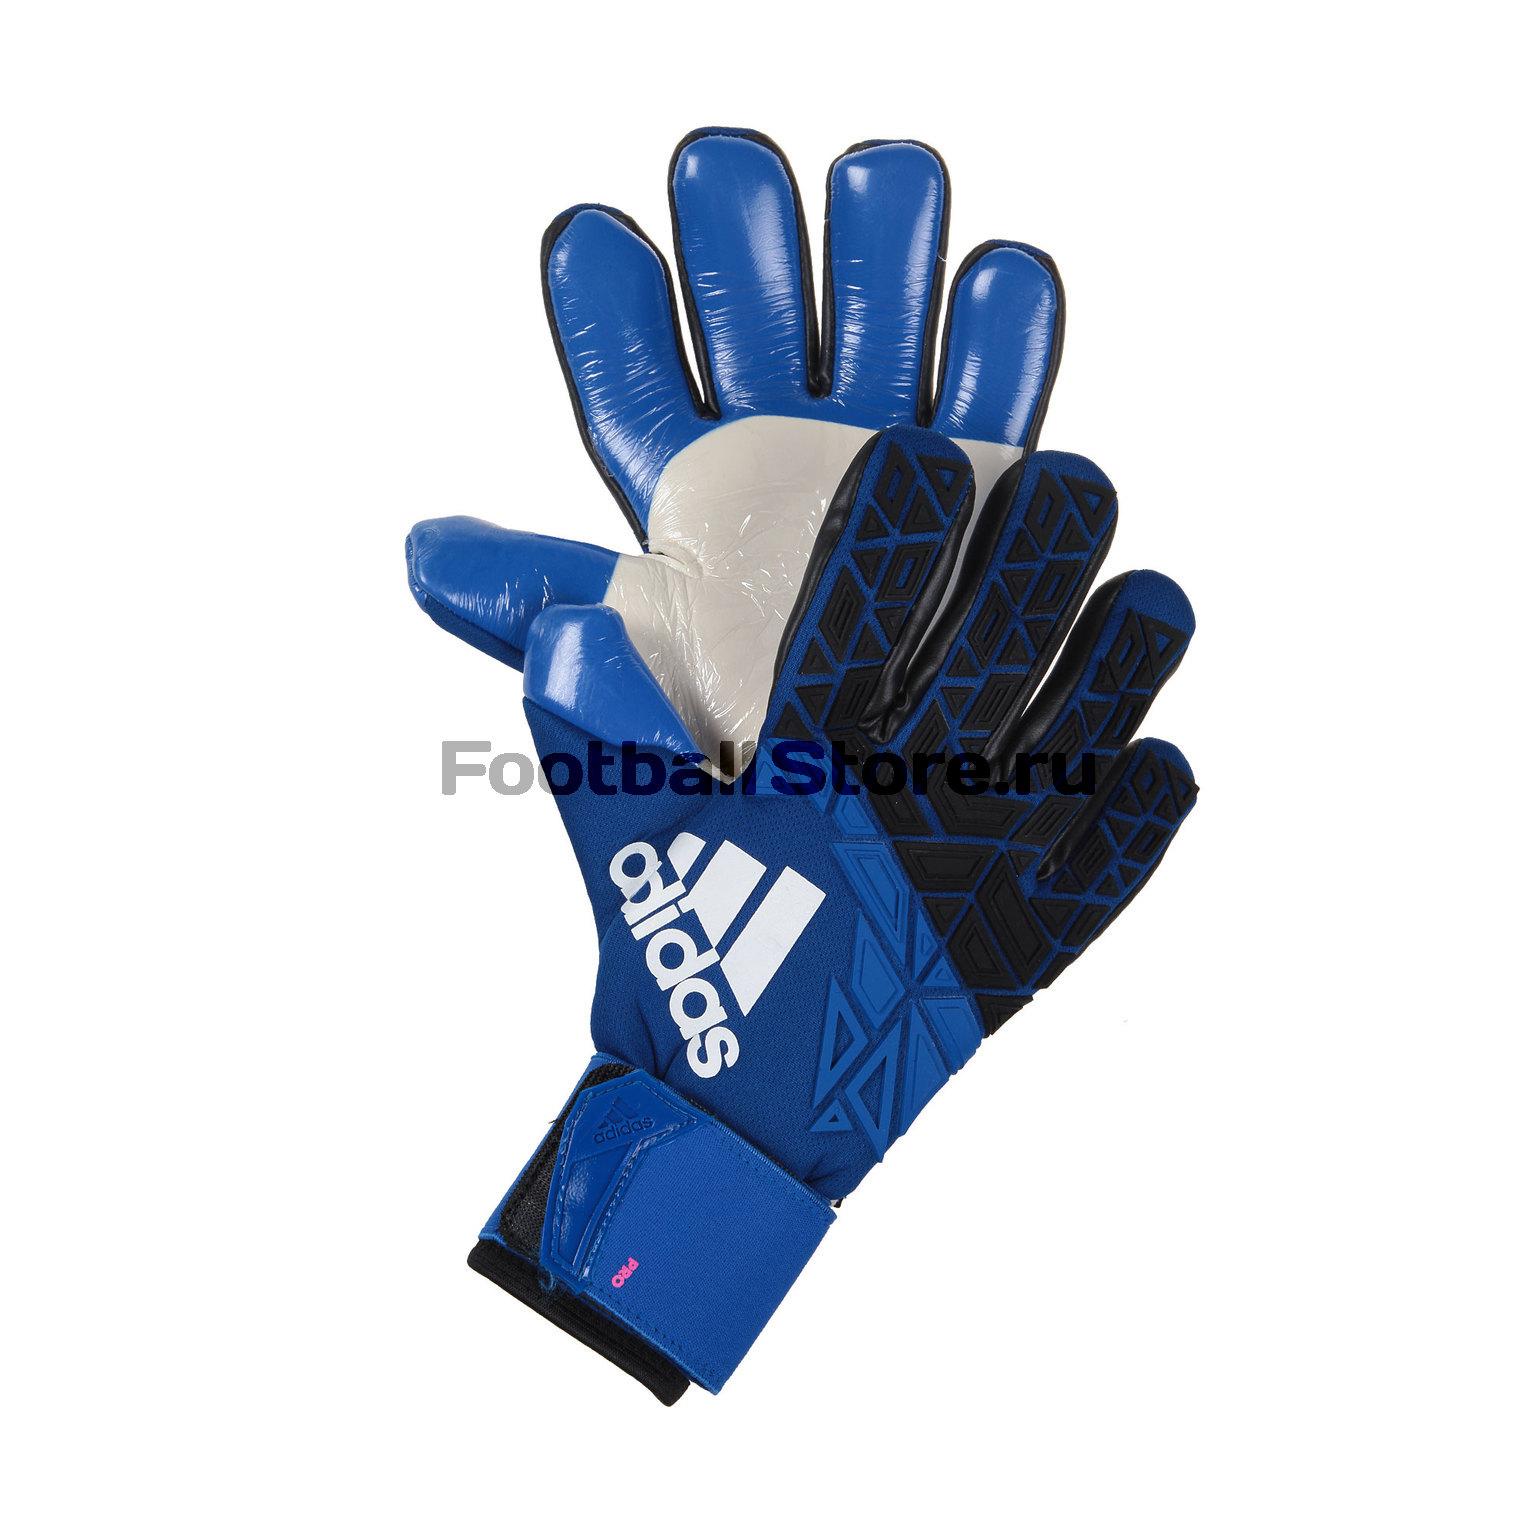 Перчатки вратарские Adidas Ace Trans Pro AZ3691 цена